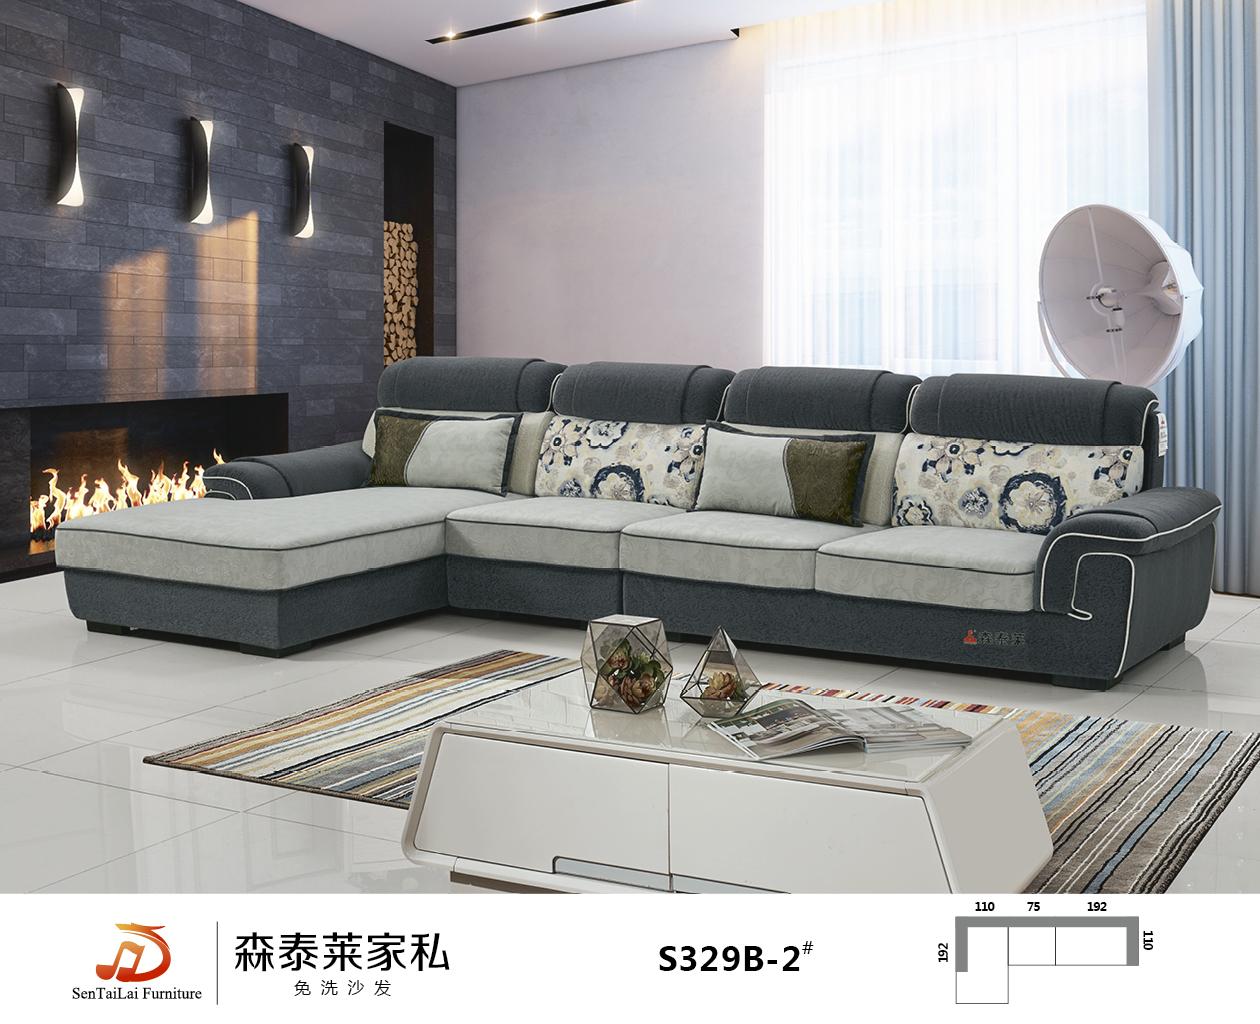 买沙发别纠结选皮质还是布艺了,听老师傅说完,才懊悔没早些知道